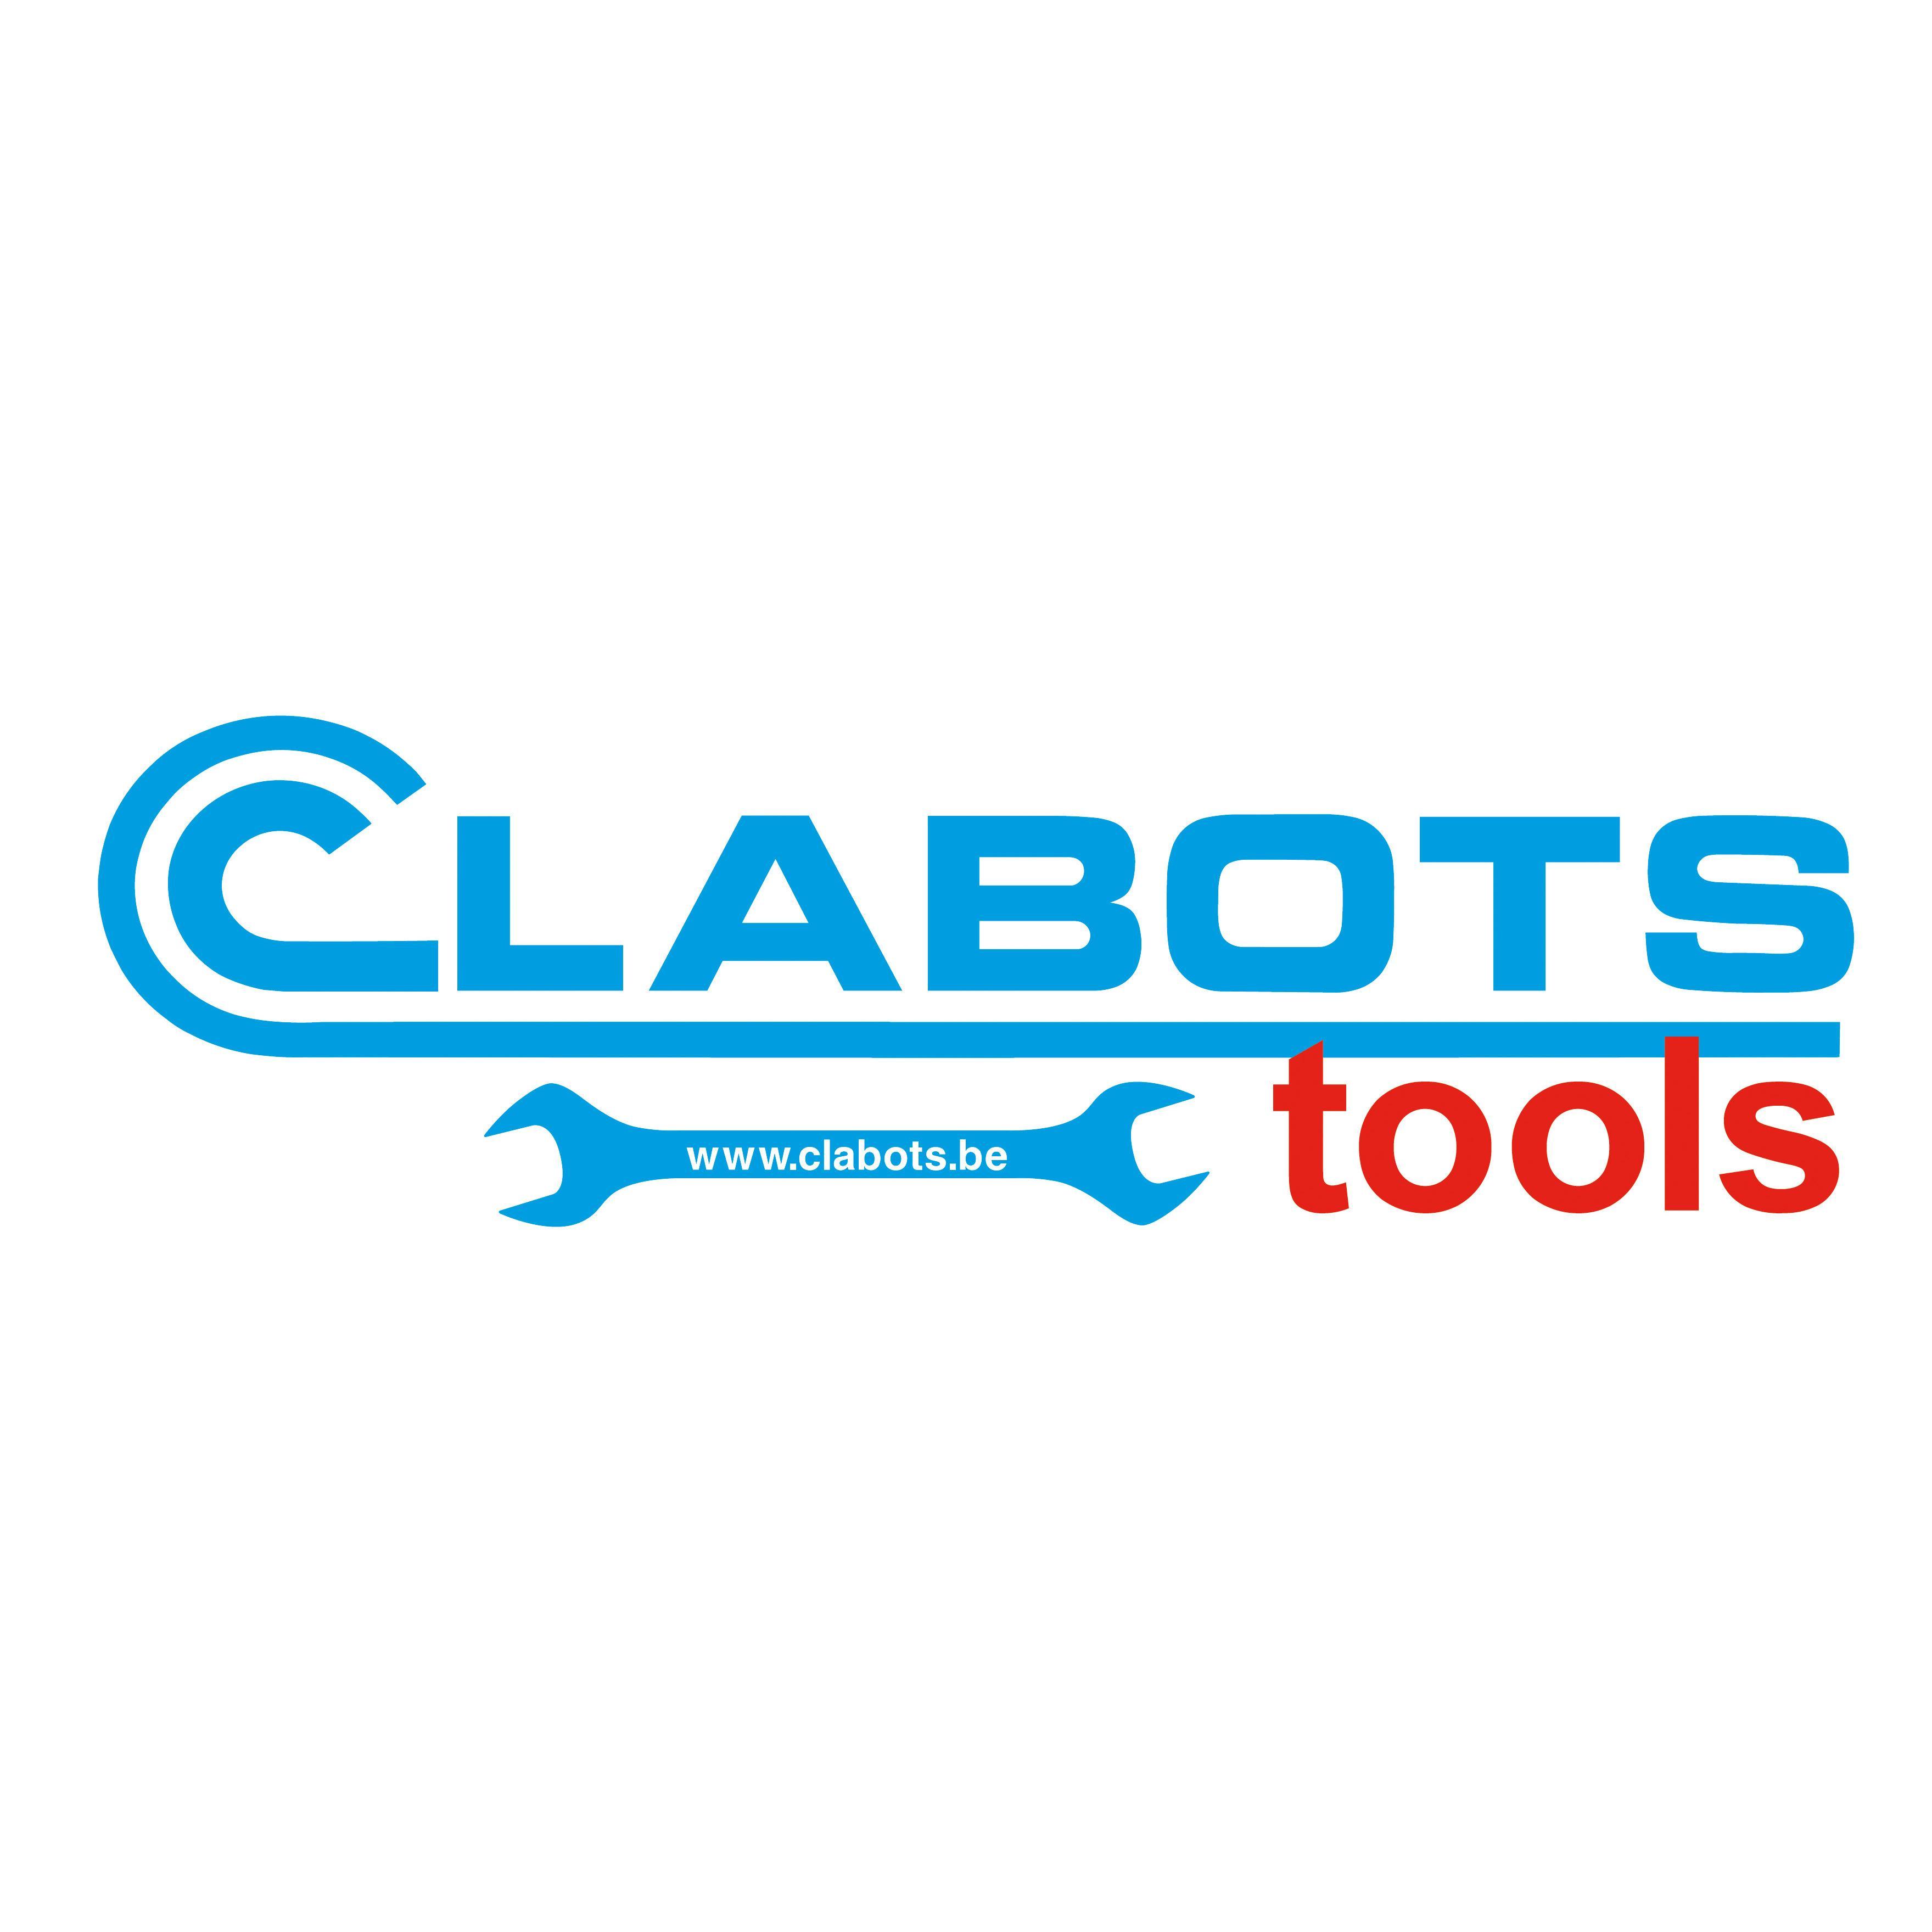 Clabots Tools